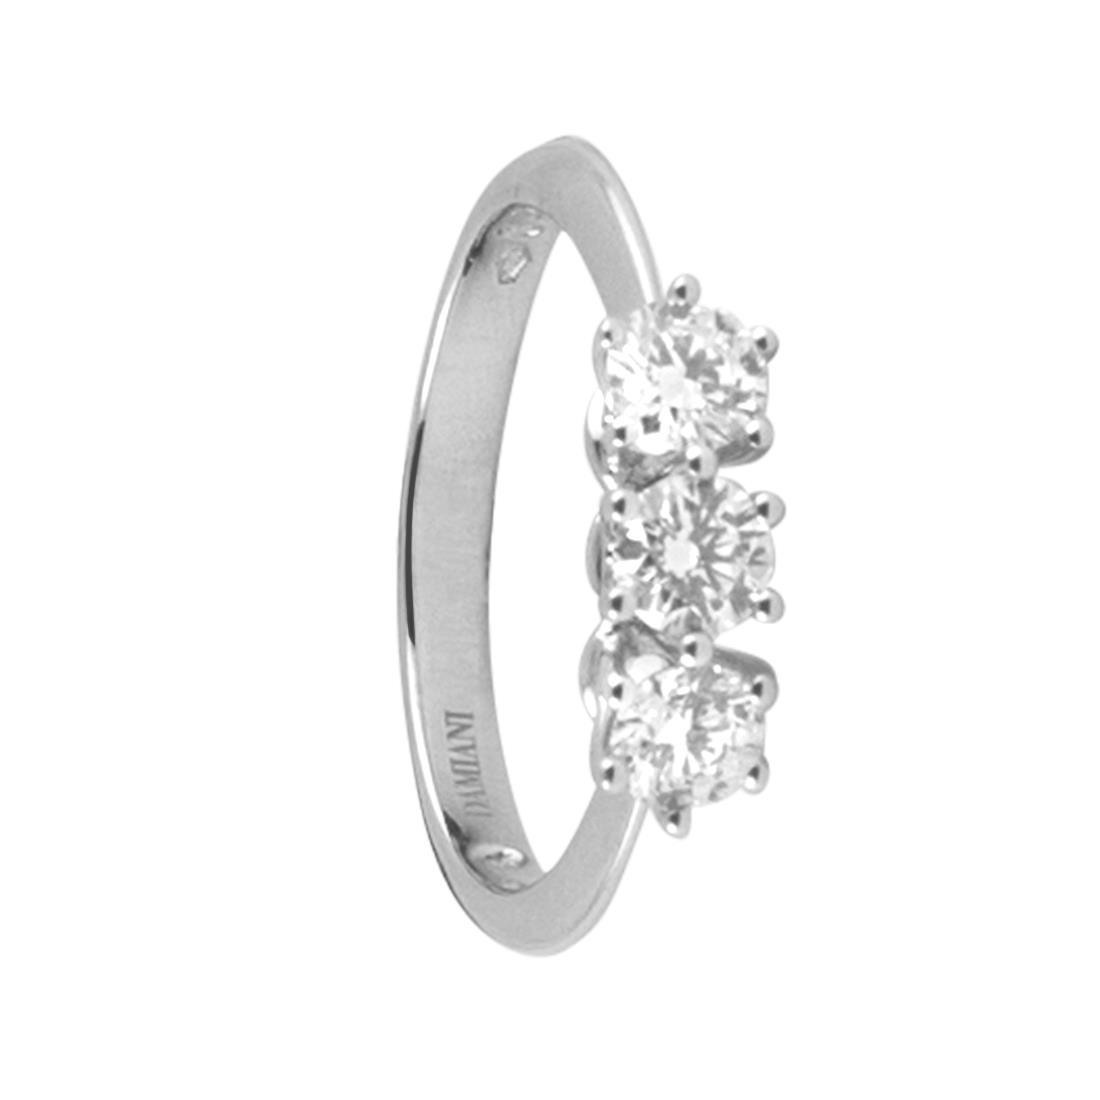 Anello trilogy in oro bianco con diamanti mis 13 - DAMIANI